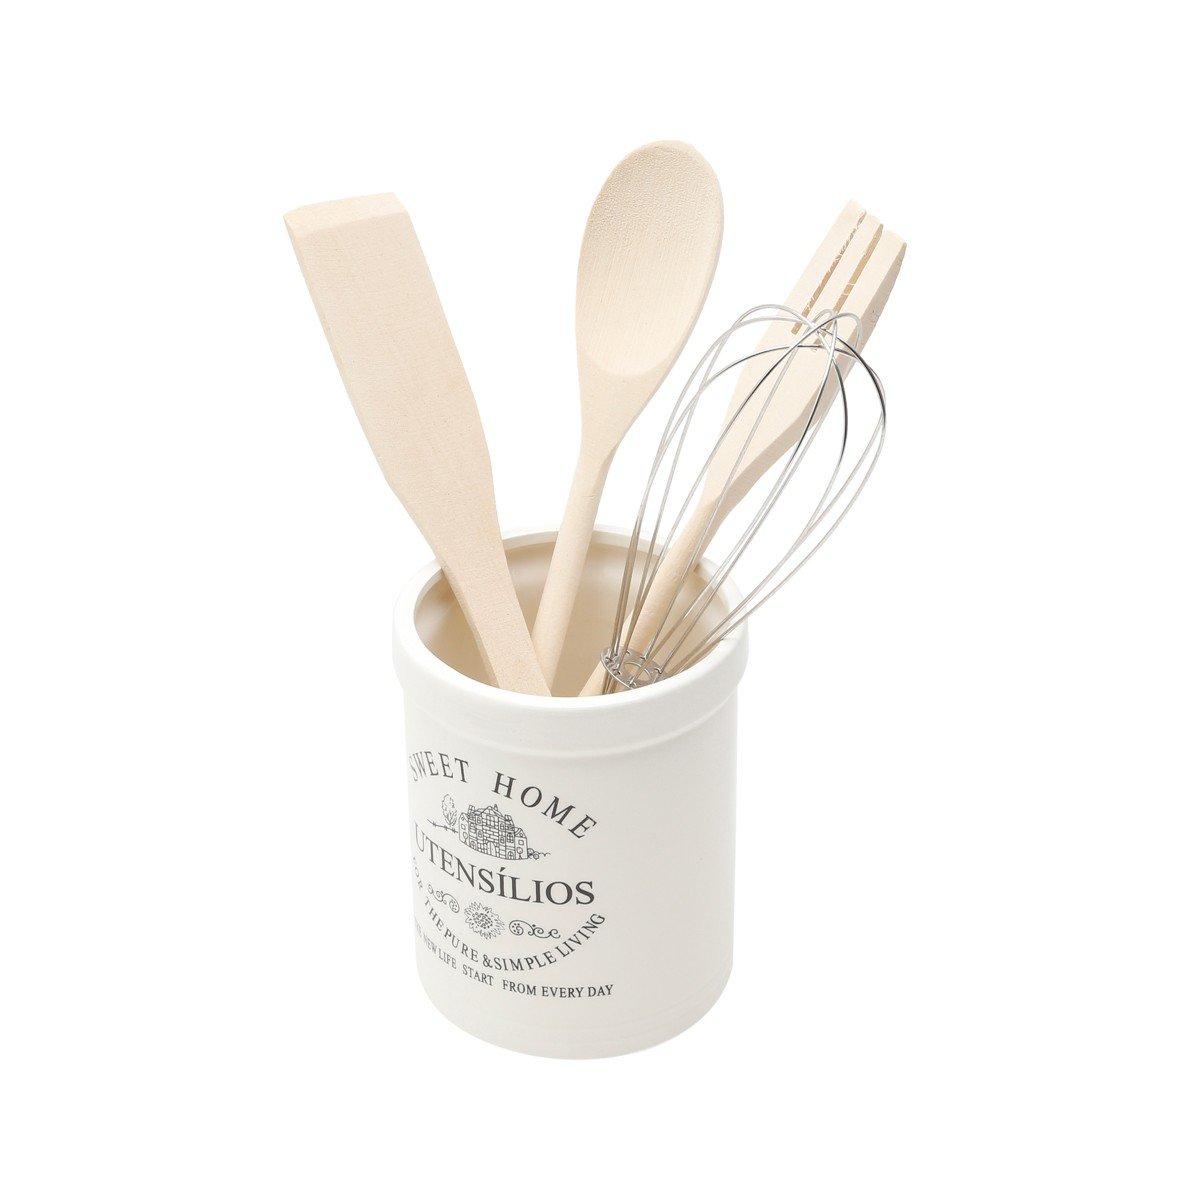 conjunto de utensilios c suporte de ceramica sweet home 3687 rojemac casa cafe mel 2